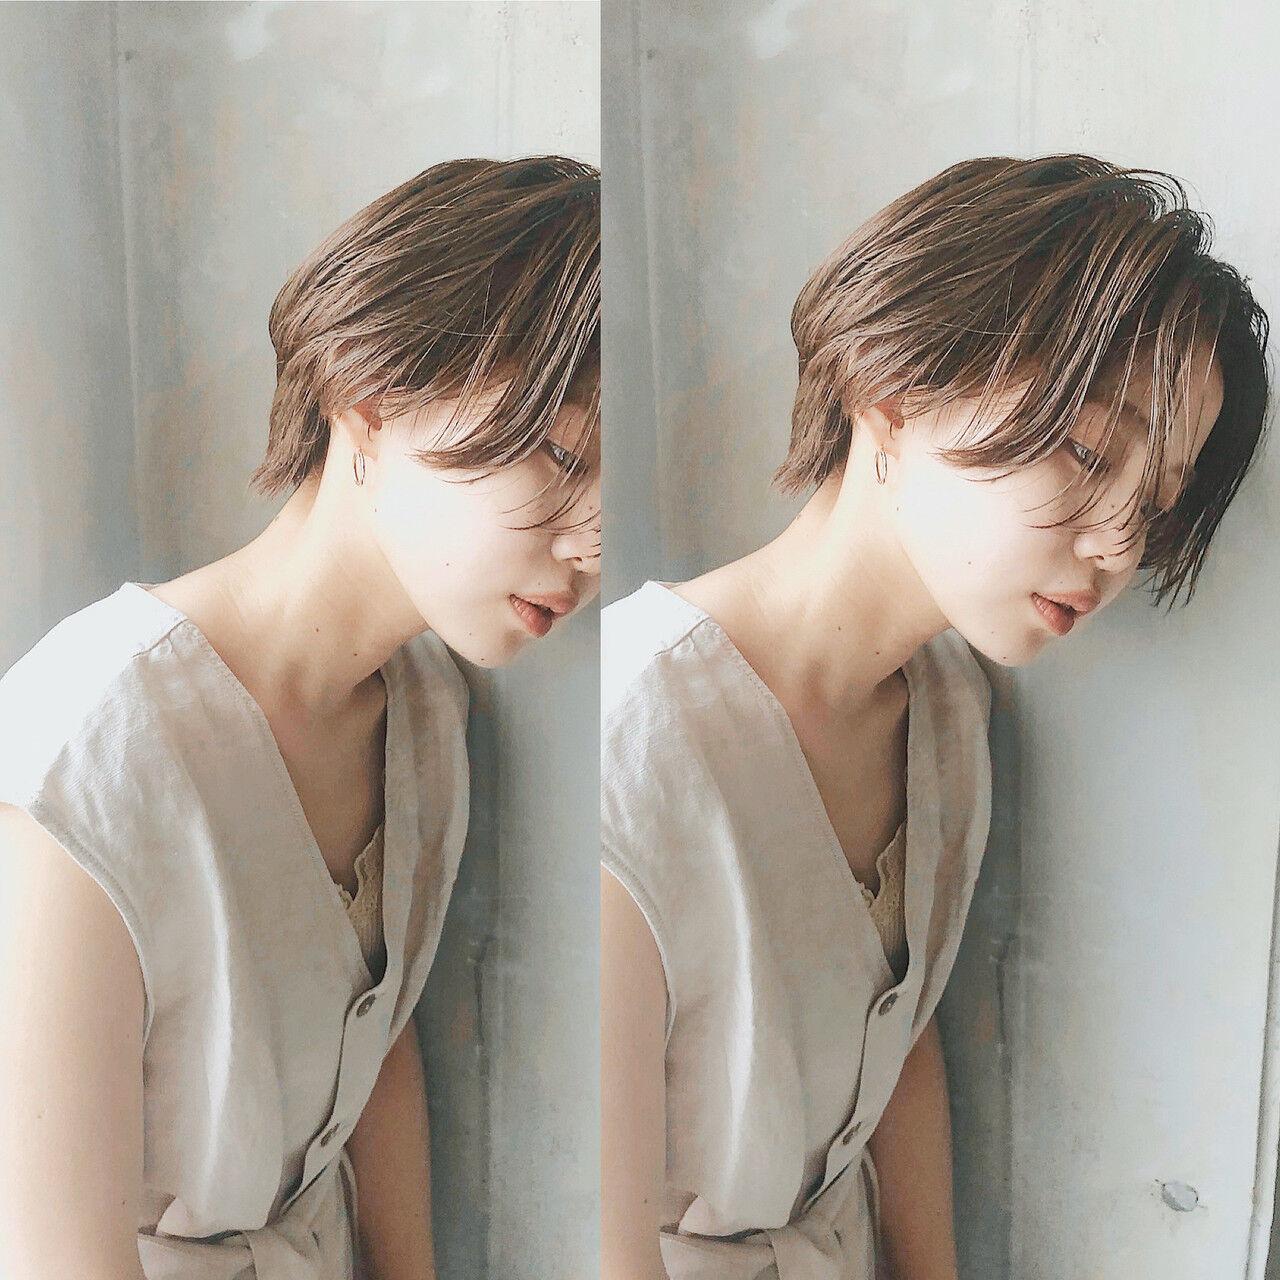 ナチュラル ベリーショート ショートボブ ショートヘアスタイルや髪型の写真・画像